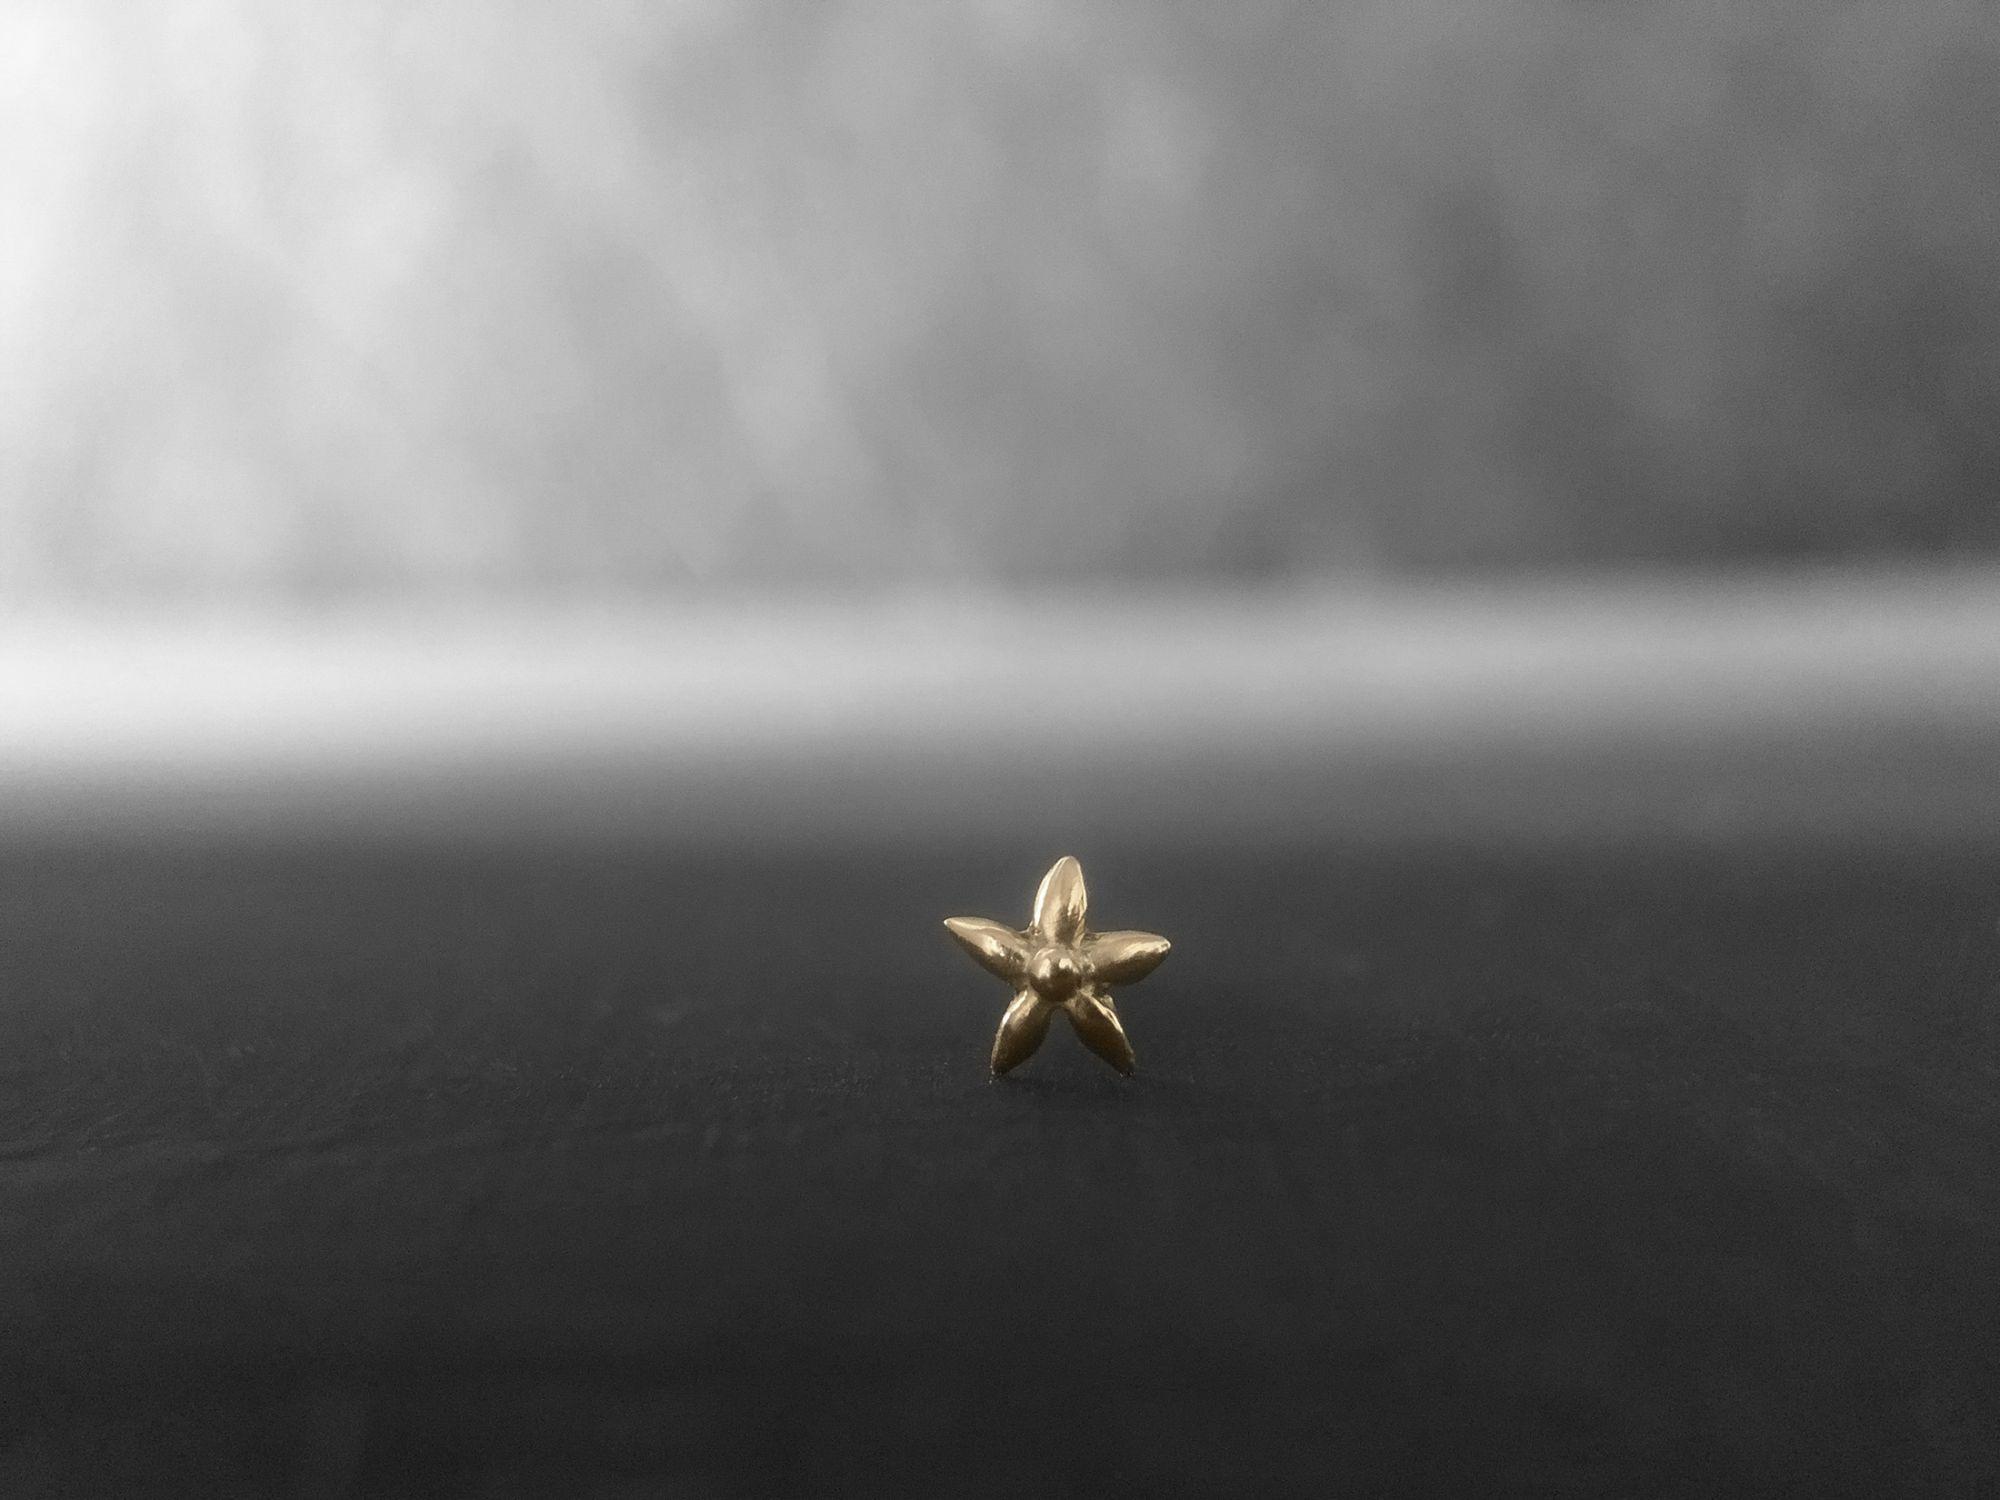 Edelweiss gold stud earring PM by Emmanuelle Zysman